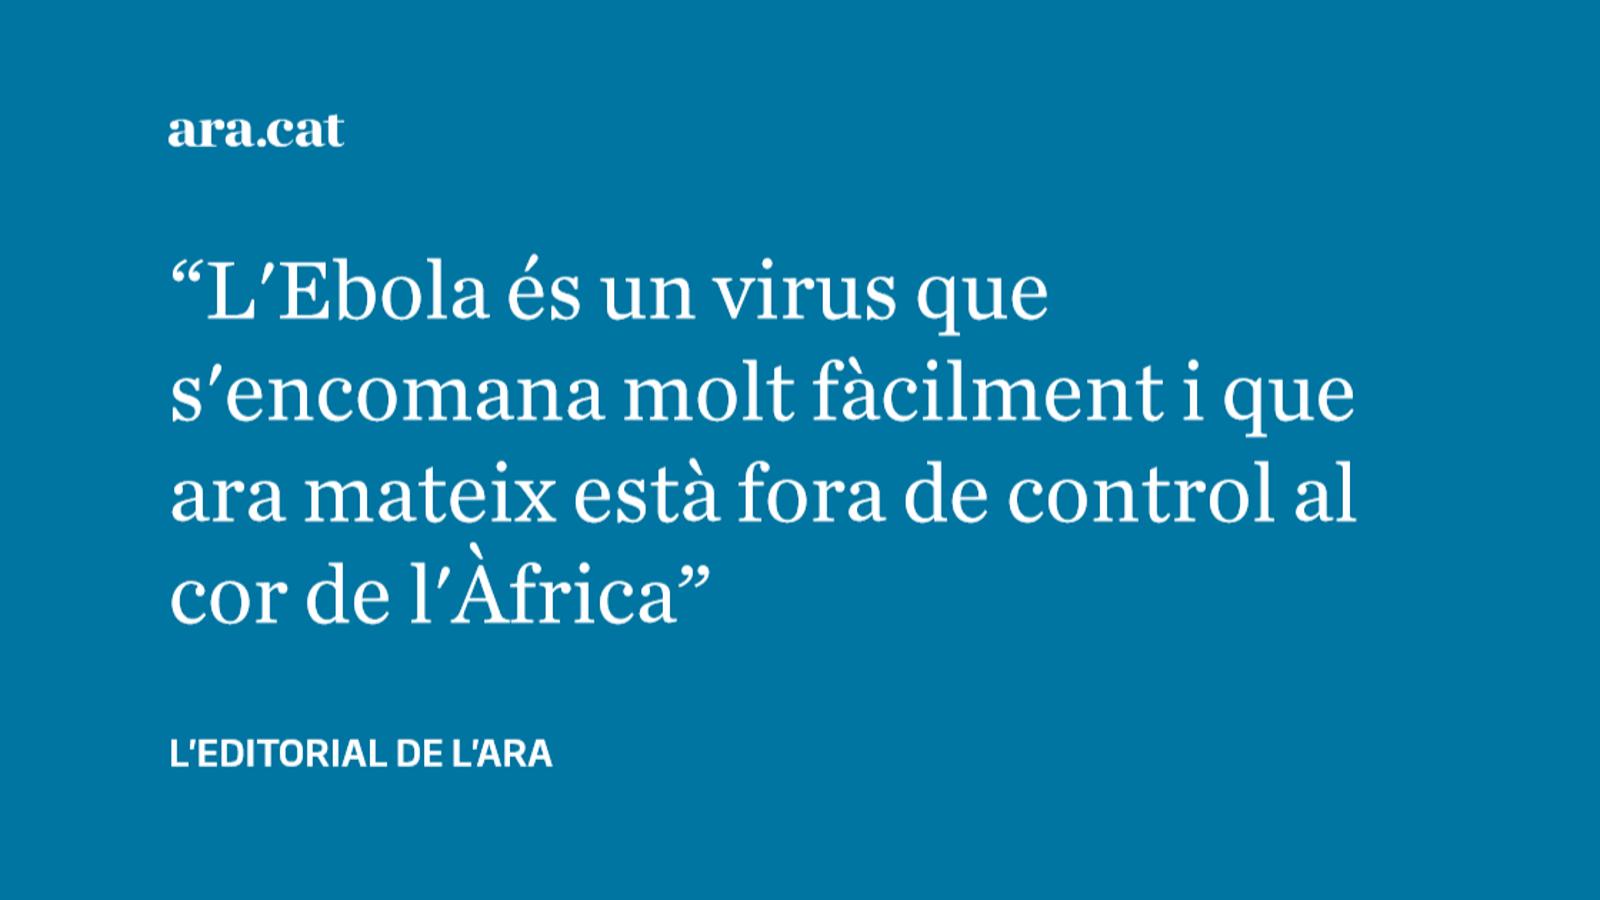 Què hi ha rere l'Ebola i per què ens ha d'importar